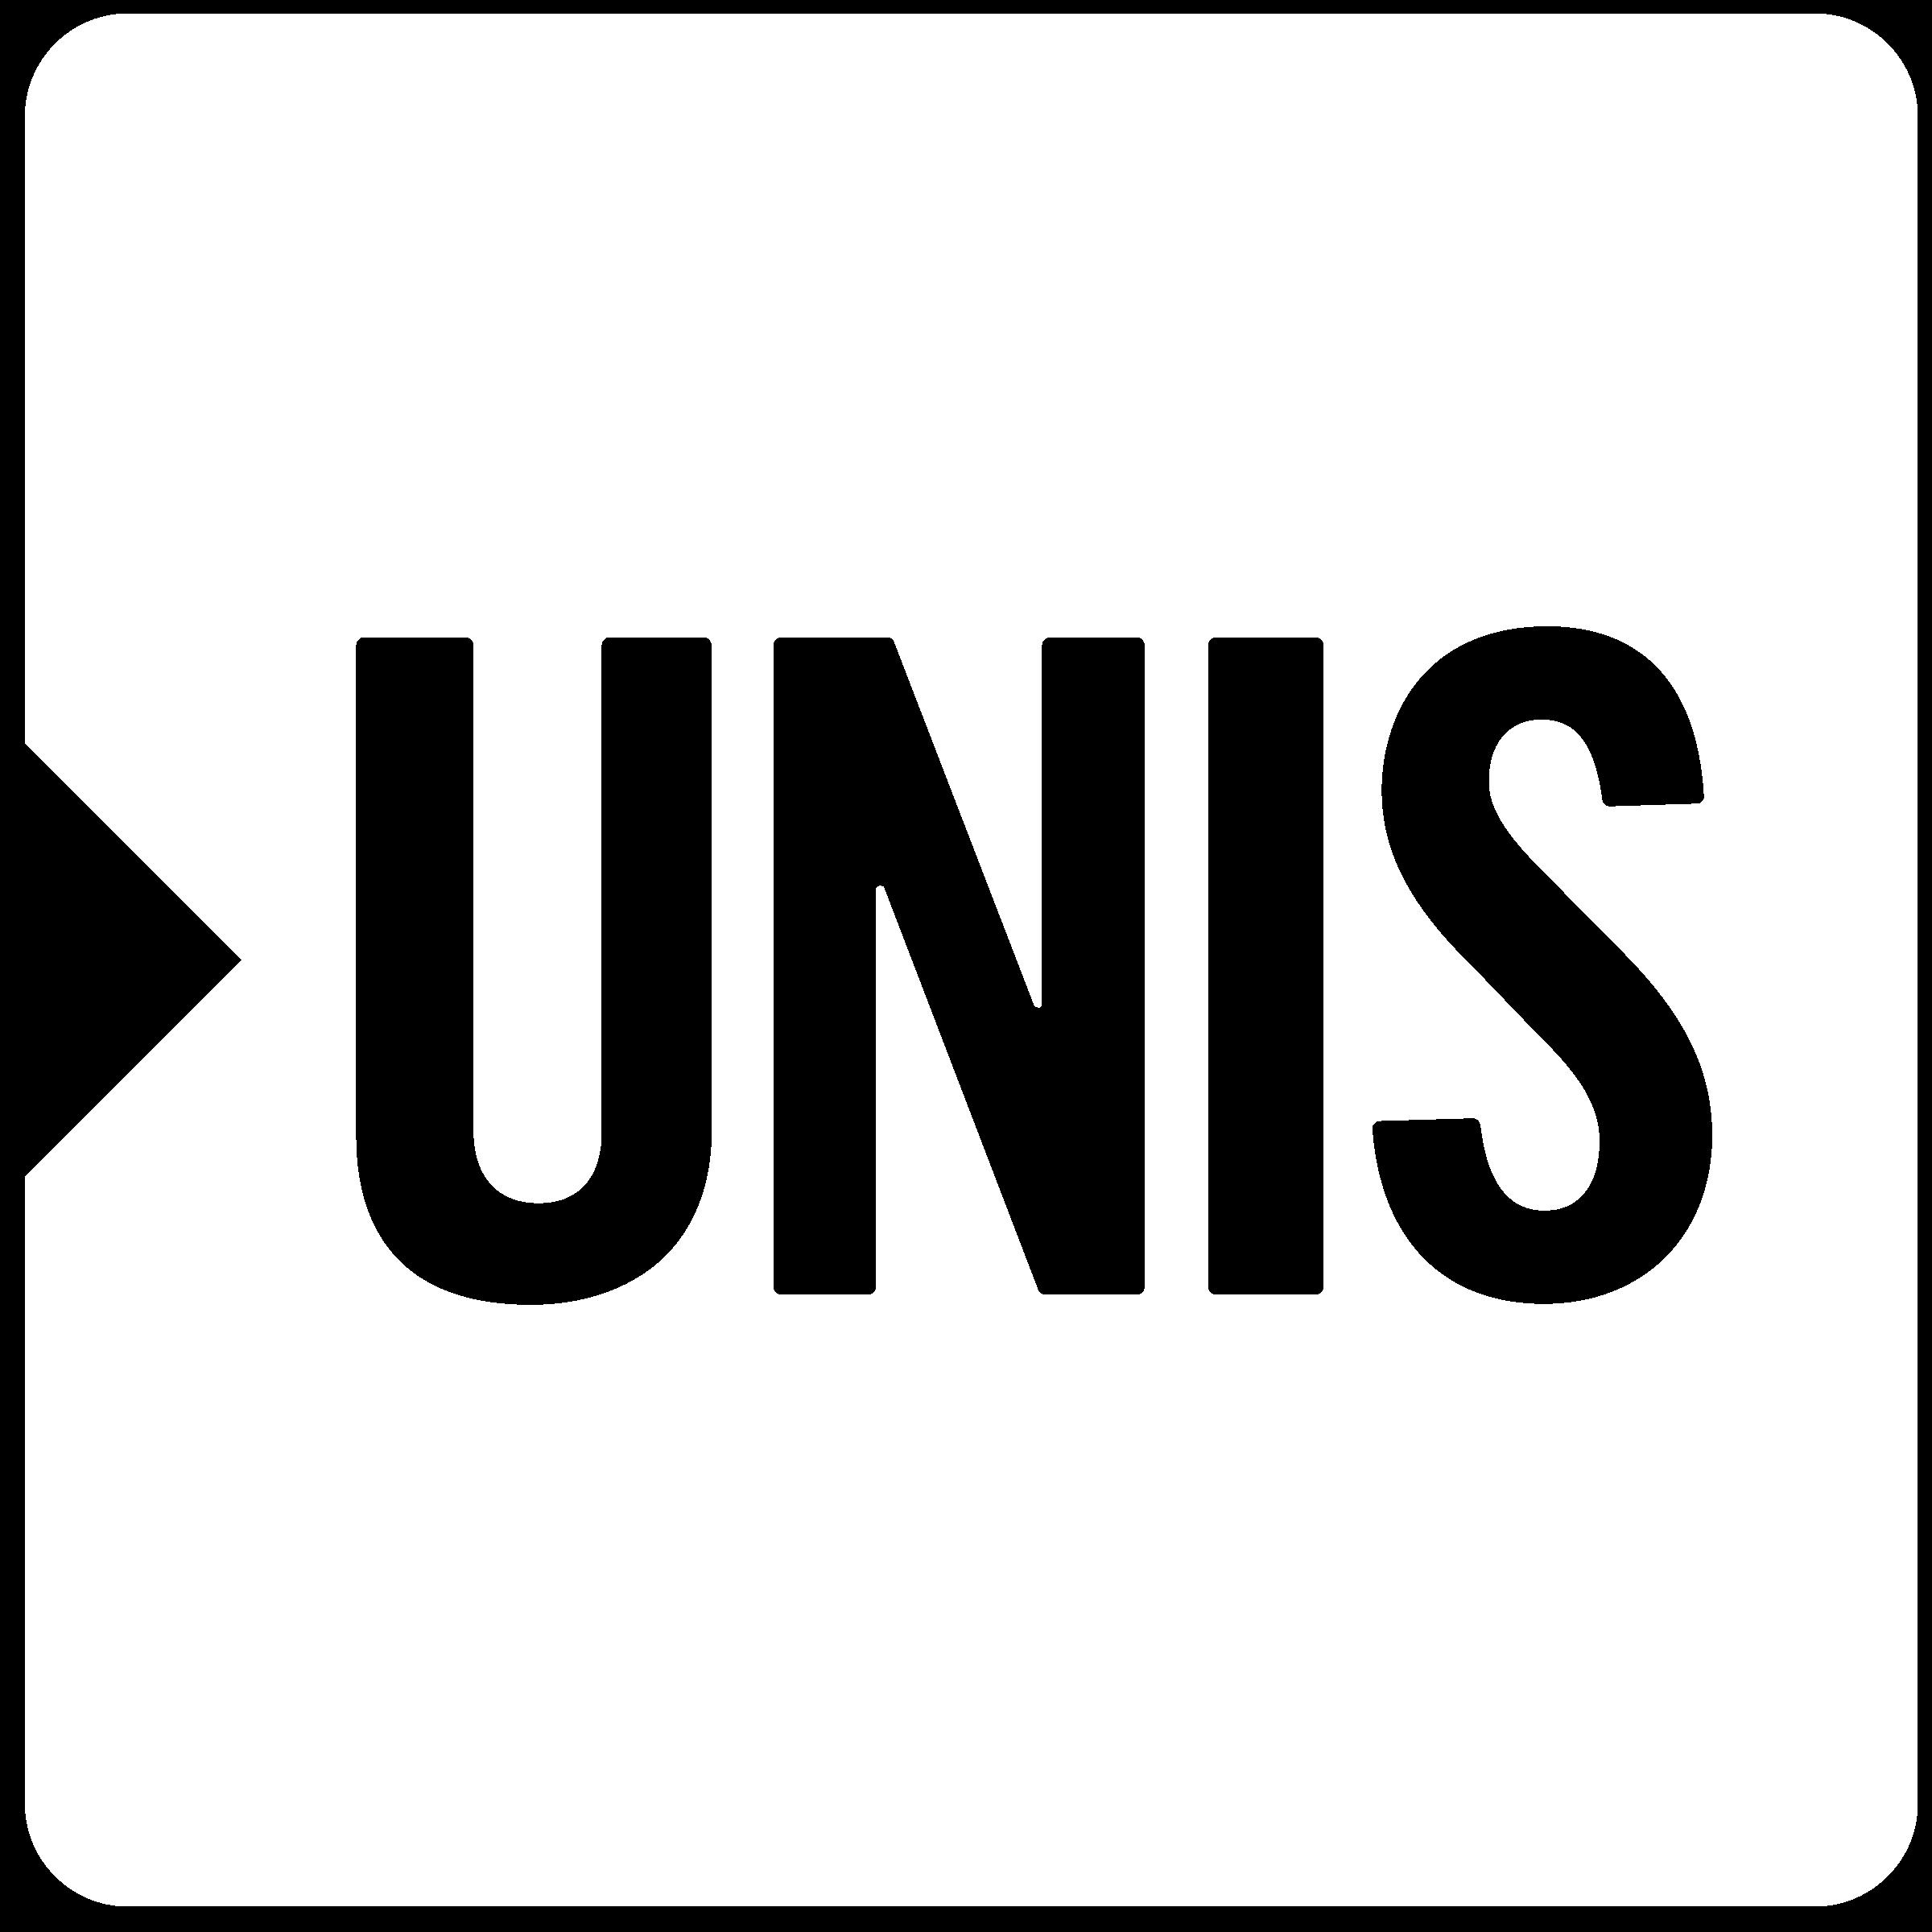 UNIS.